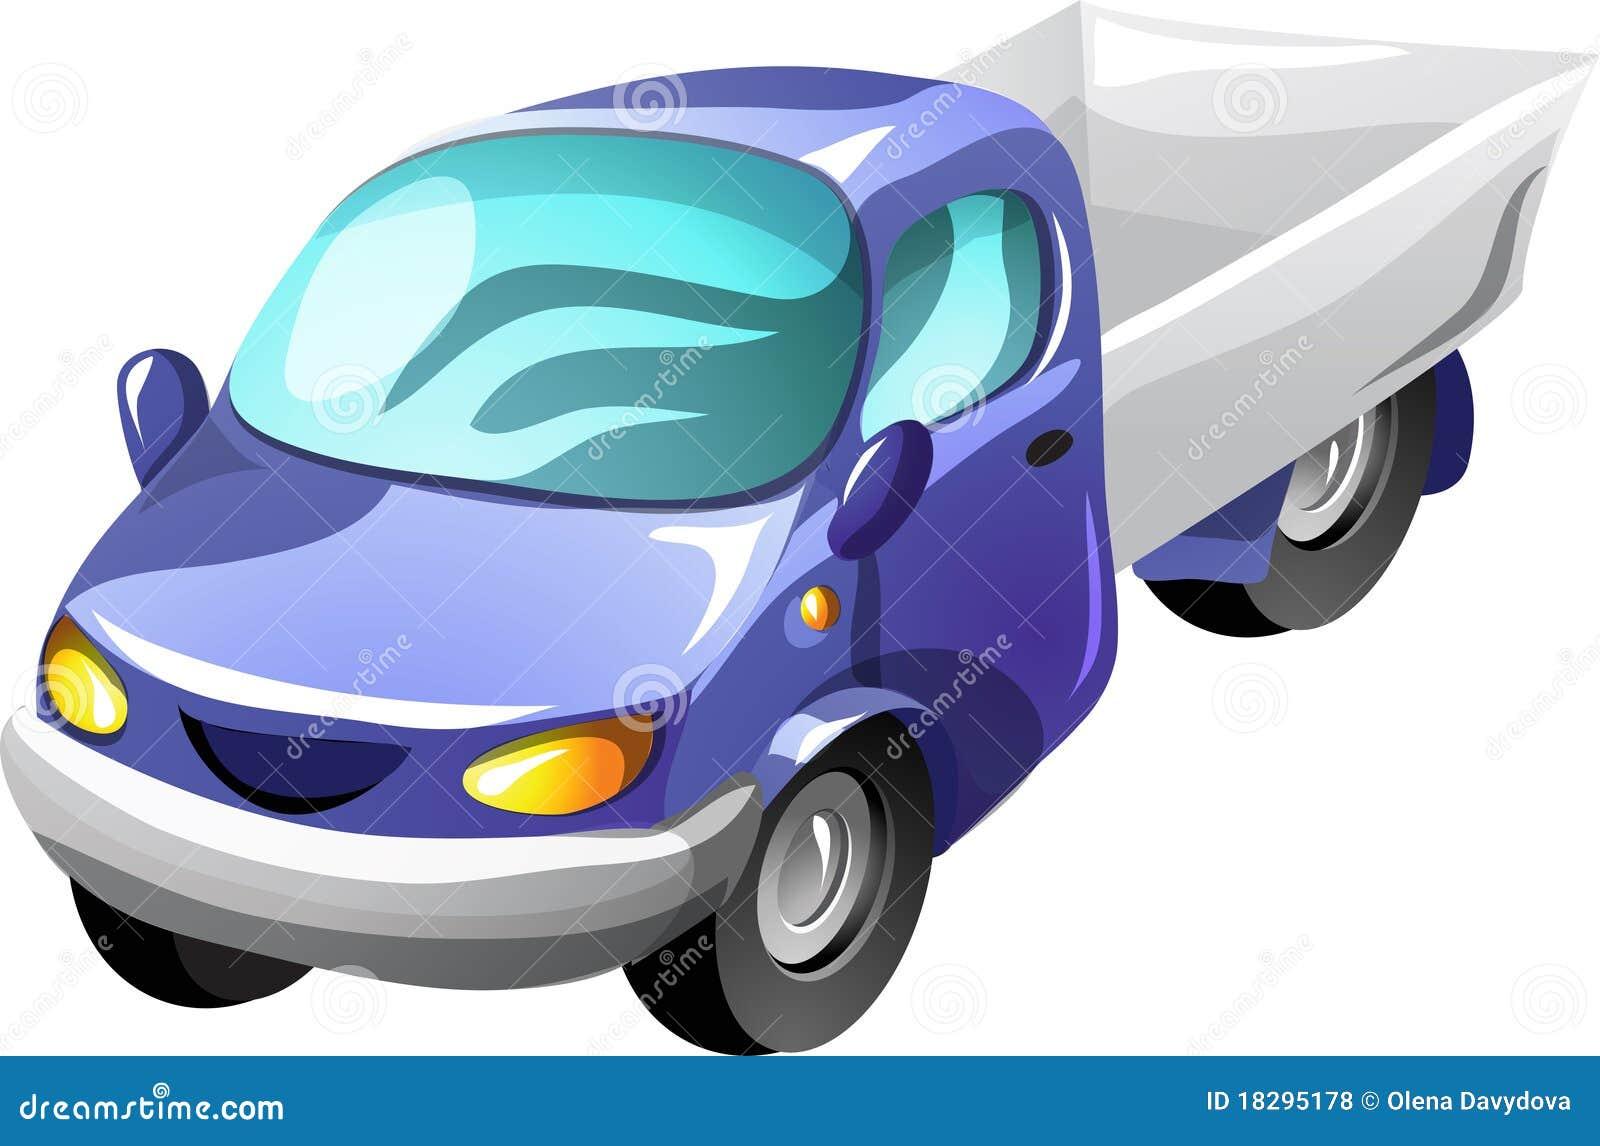 Camion De Camionnette De Livraison De Dessin Animé